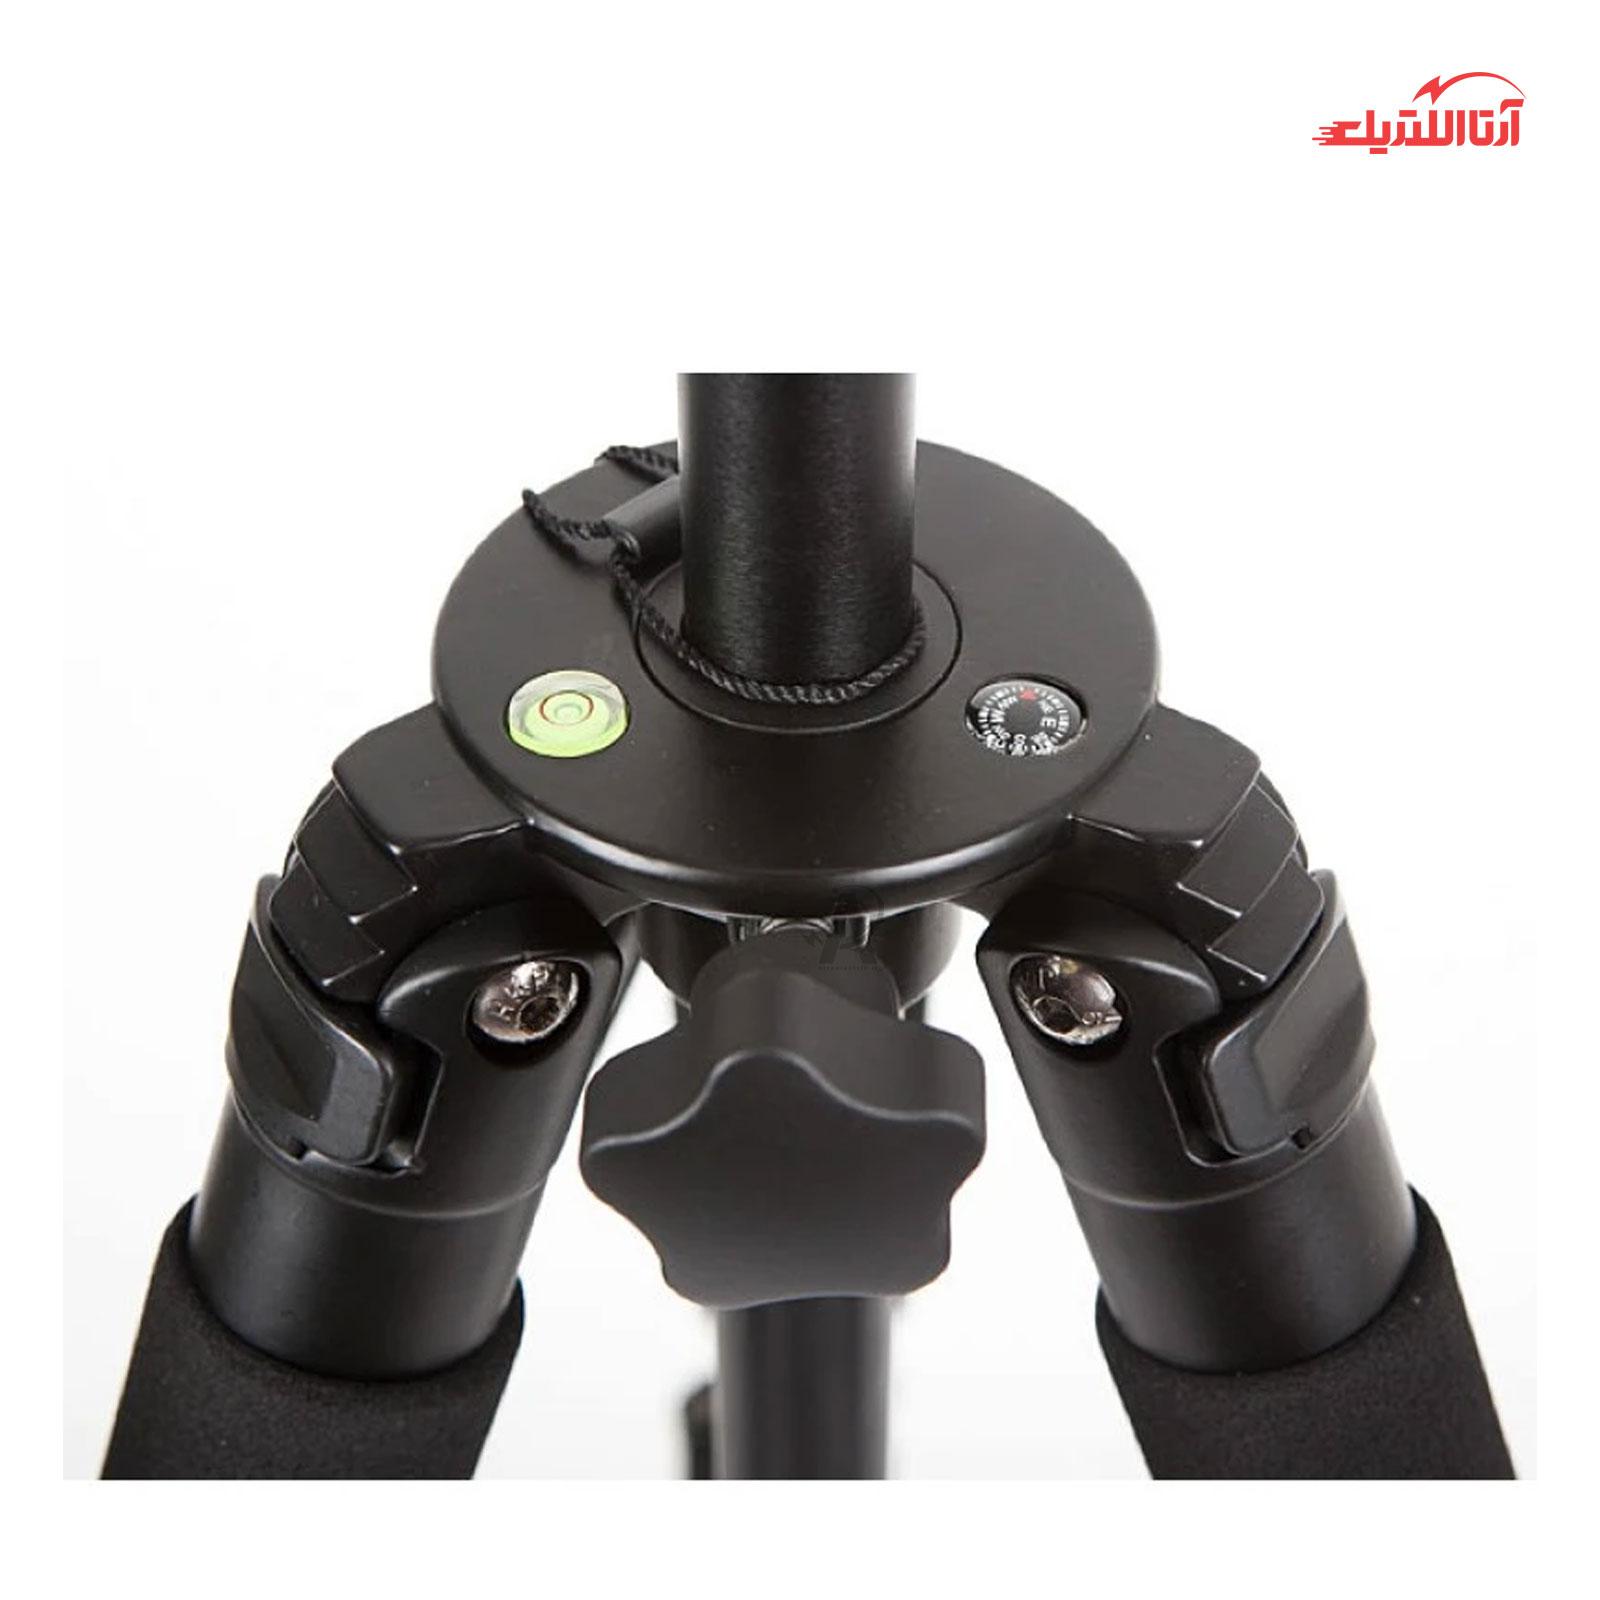 سه پایه دوربین بیکی Beike مدل Q404